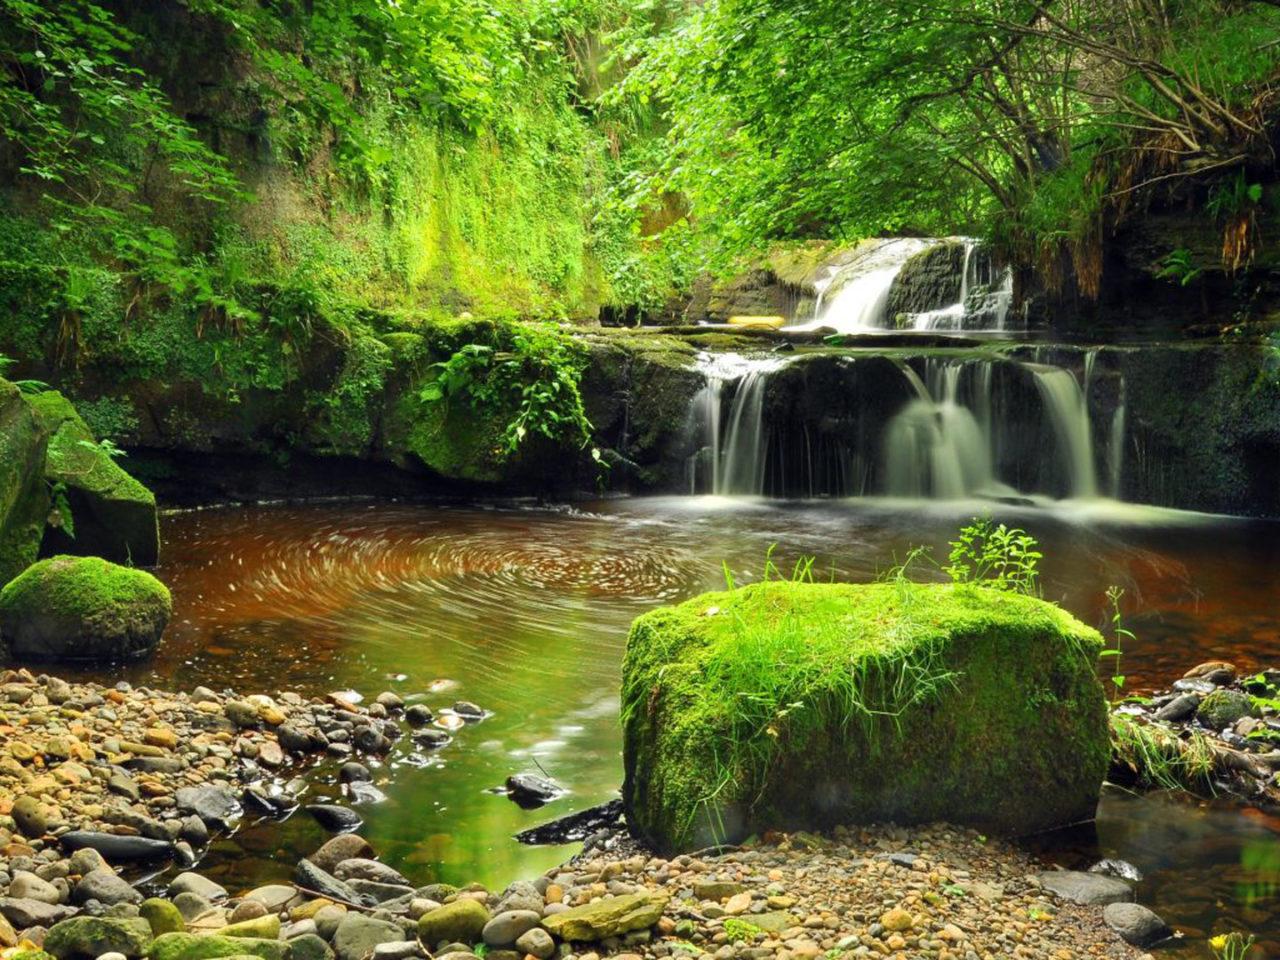 Niagara Falls Waterfall Wallpaper Waterfall Stream Pond Cascades Gravel Rocks Green Moss